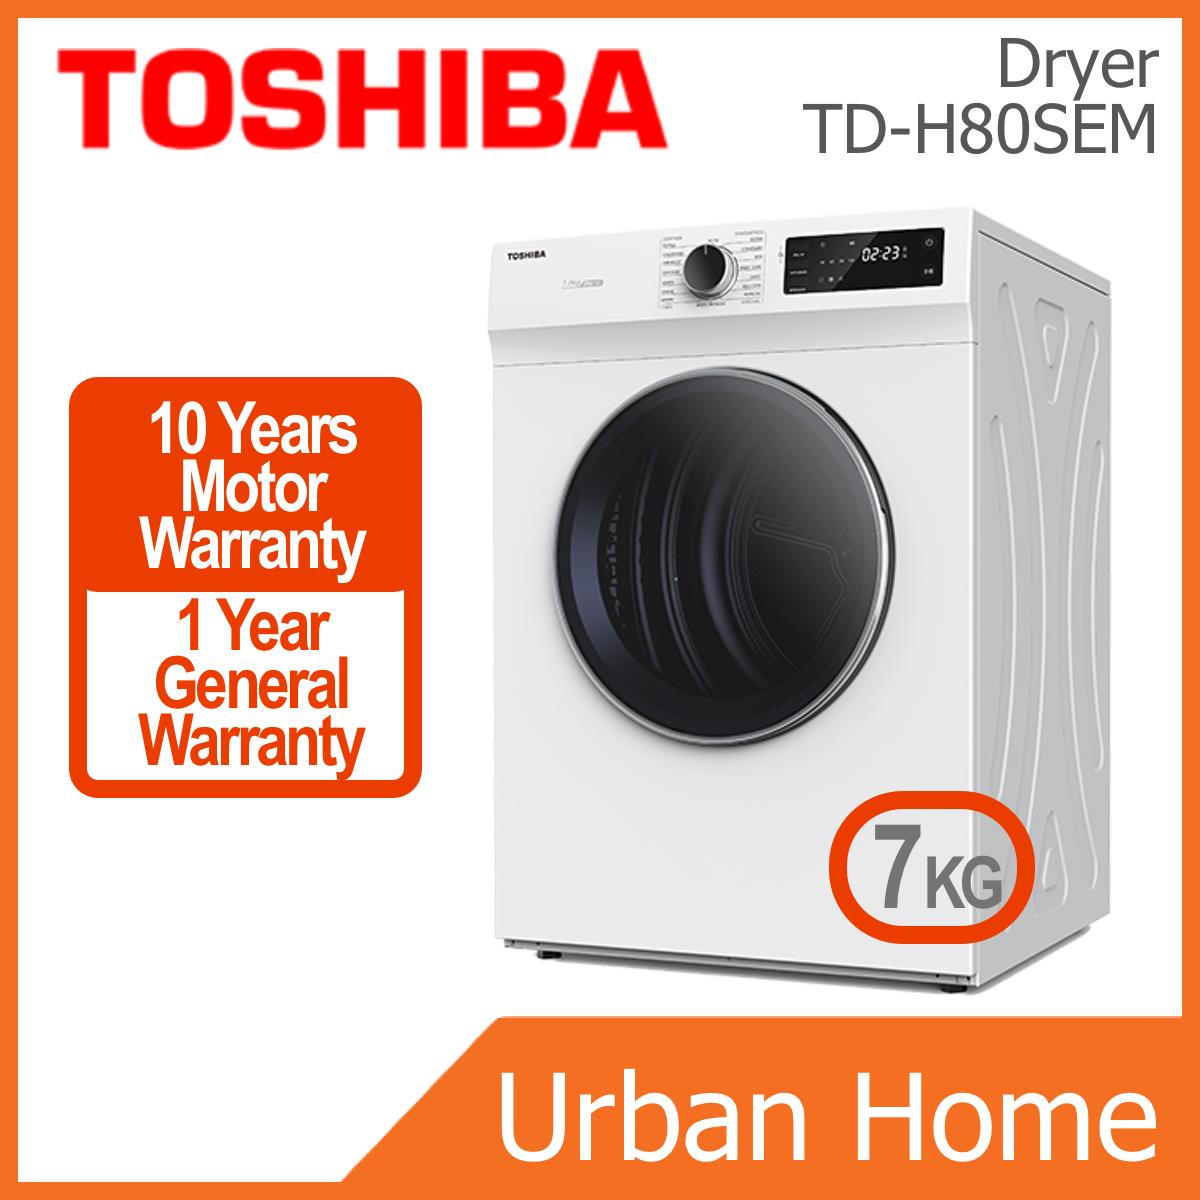 TOSHIBA 7kg Sensedry Tumble Dryer (TD-H80SEM/TDH80SEM)